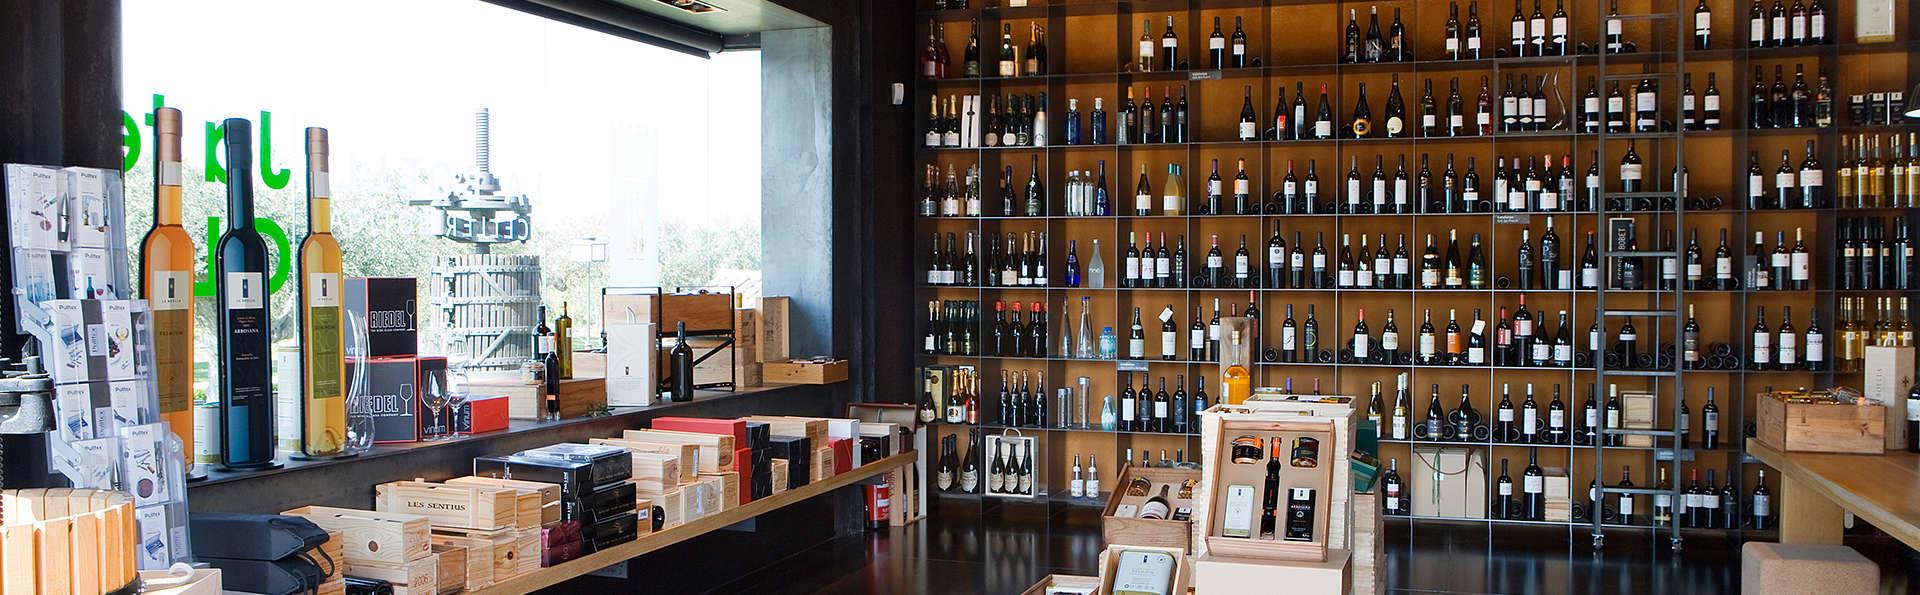 Expérience Premium à l'hôtel Mas la Boella : dégustation d'huile d'olive et visite de cave à vin